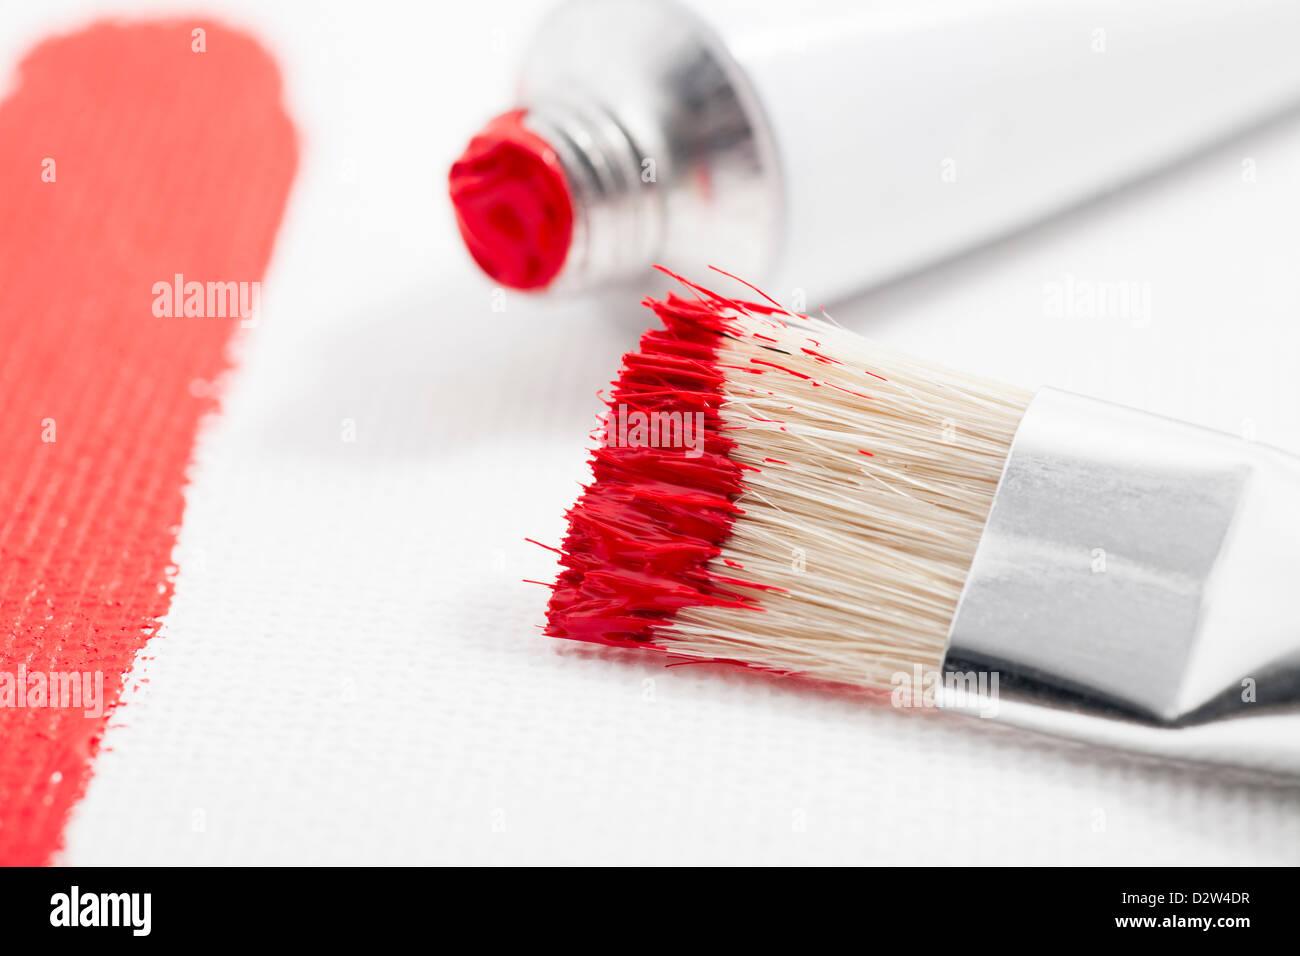 La vernice rossa sulla spazzola di vernice con il tubo di vernice acrilica e corsa di vernice su tela Immagini Stock